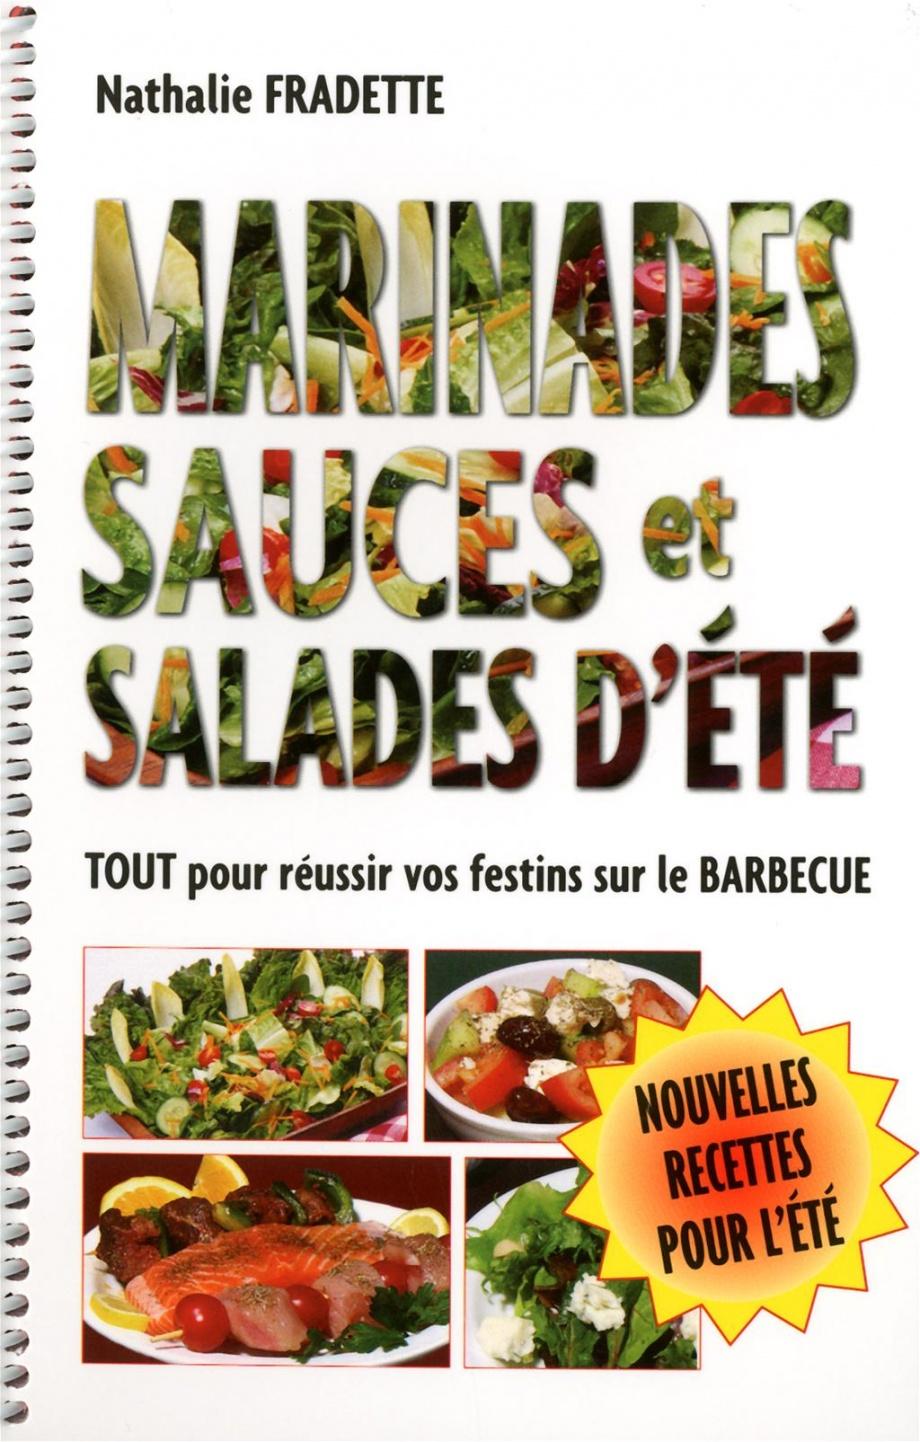 Marinades sauces et salades d'été tout pour réussir vos festins sur le barbecue